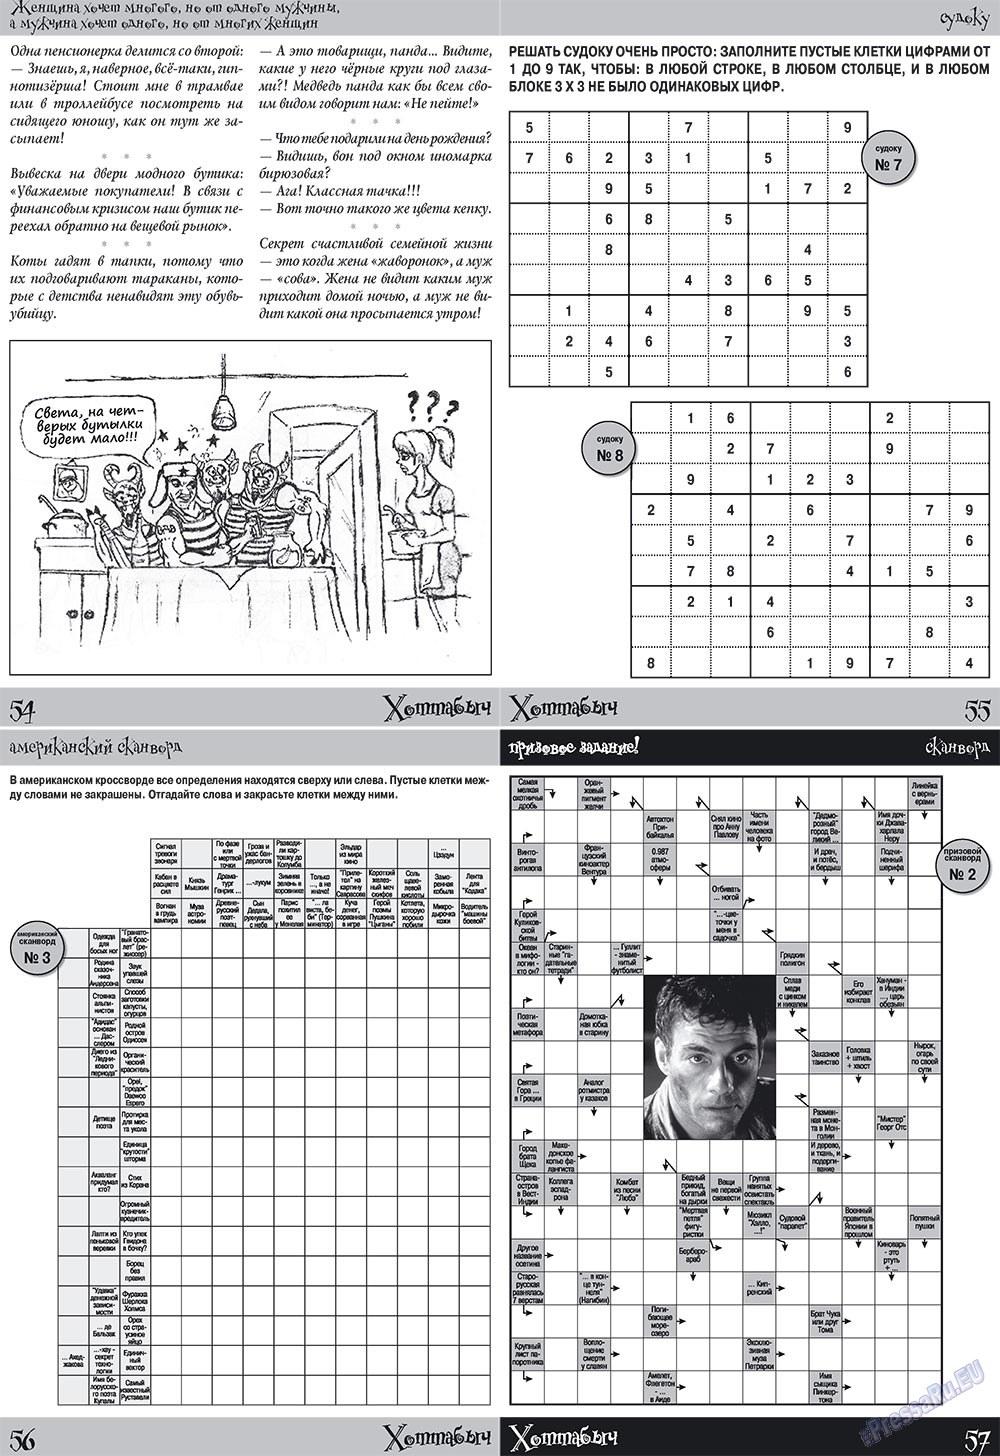 Хоттабыч (журнал). 2009 год, номер 11, стр. 15